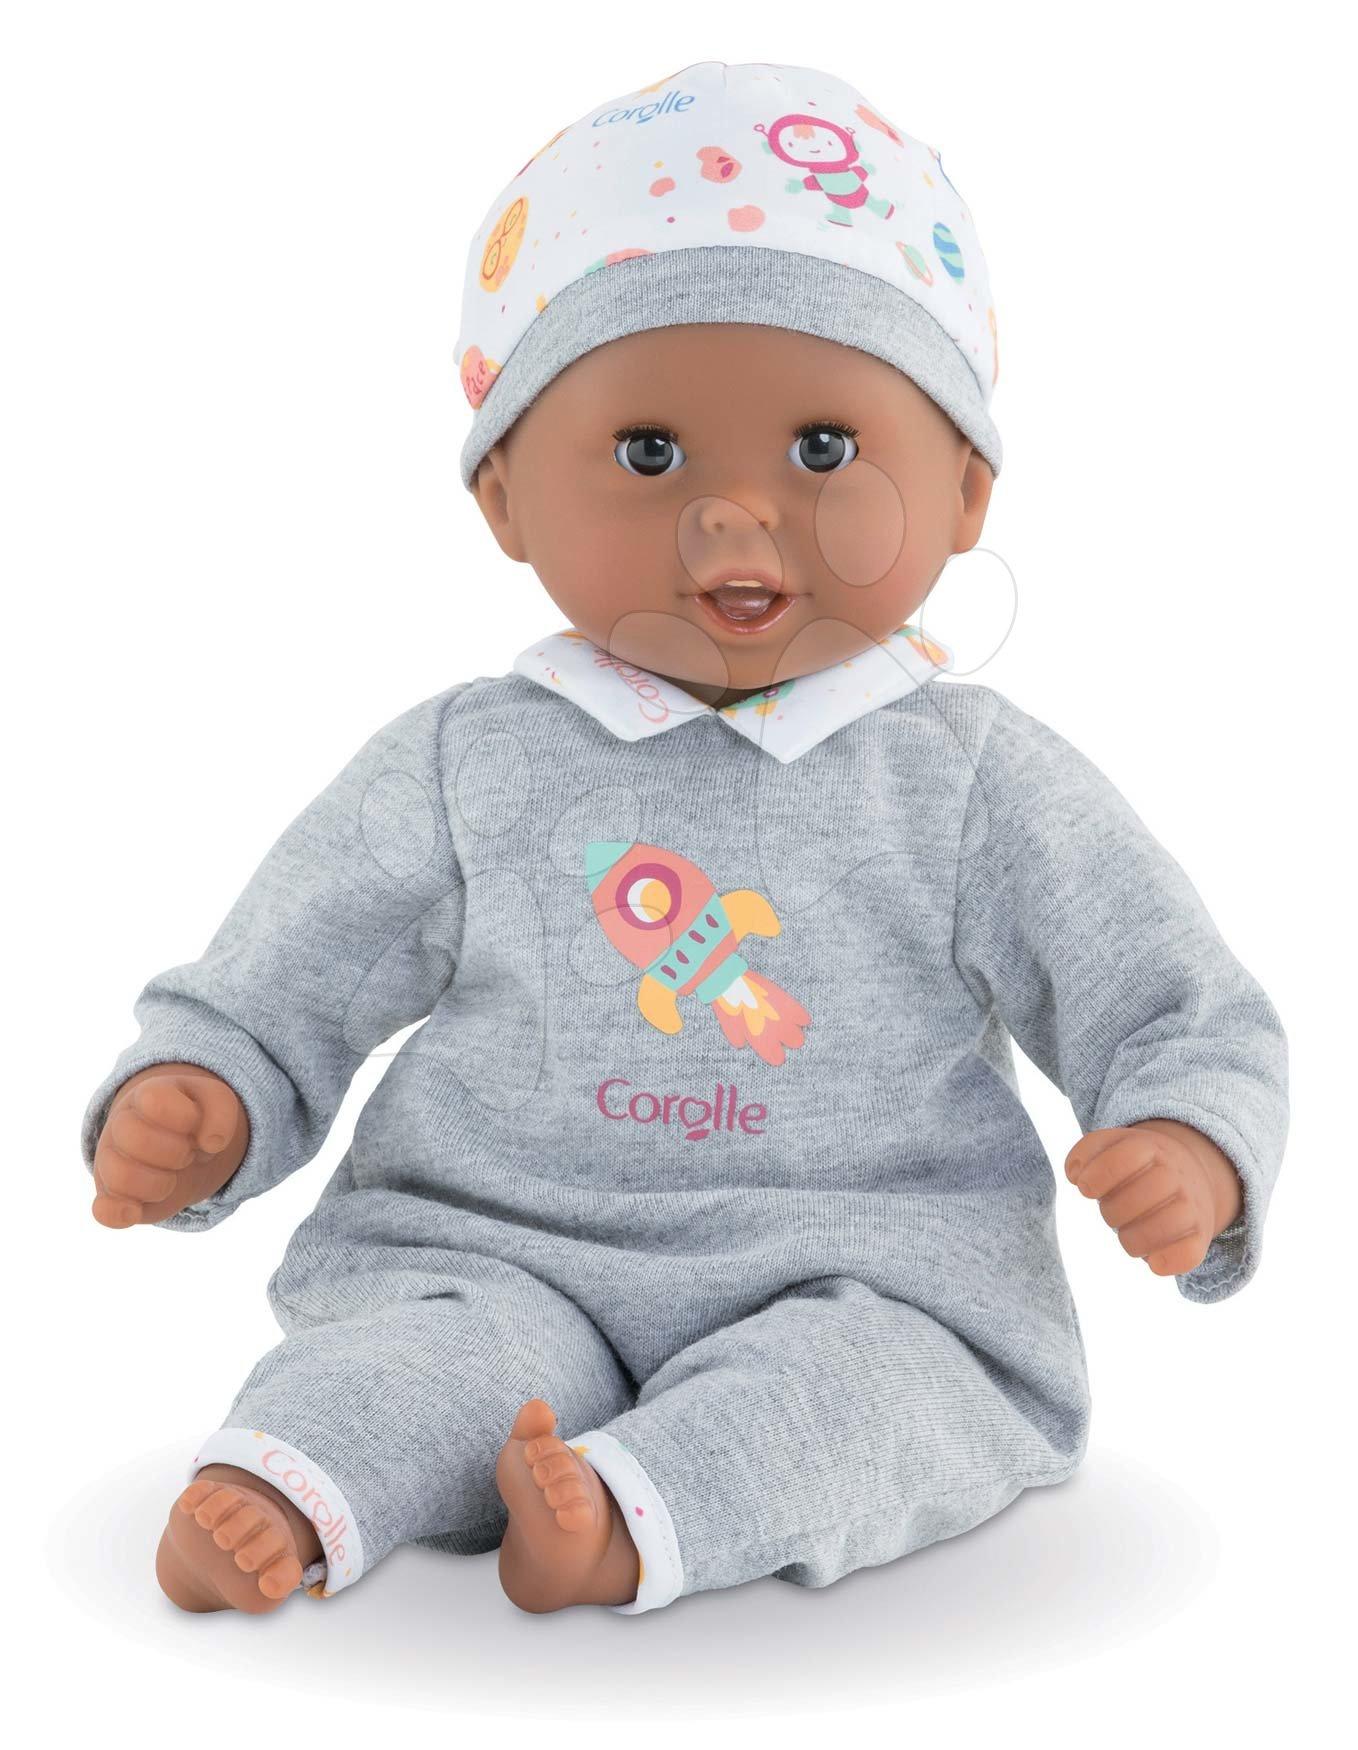 Bábiky od 18 mesiacov - Bábika Bébé Calin Marius Corolle s čiernymi klipkajúcimi očami a fazuľkami 30 cm od 18 mes